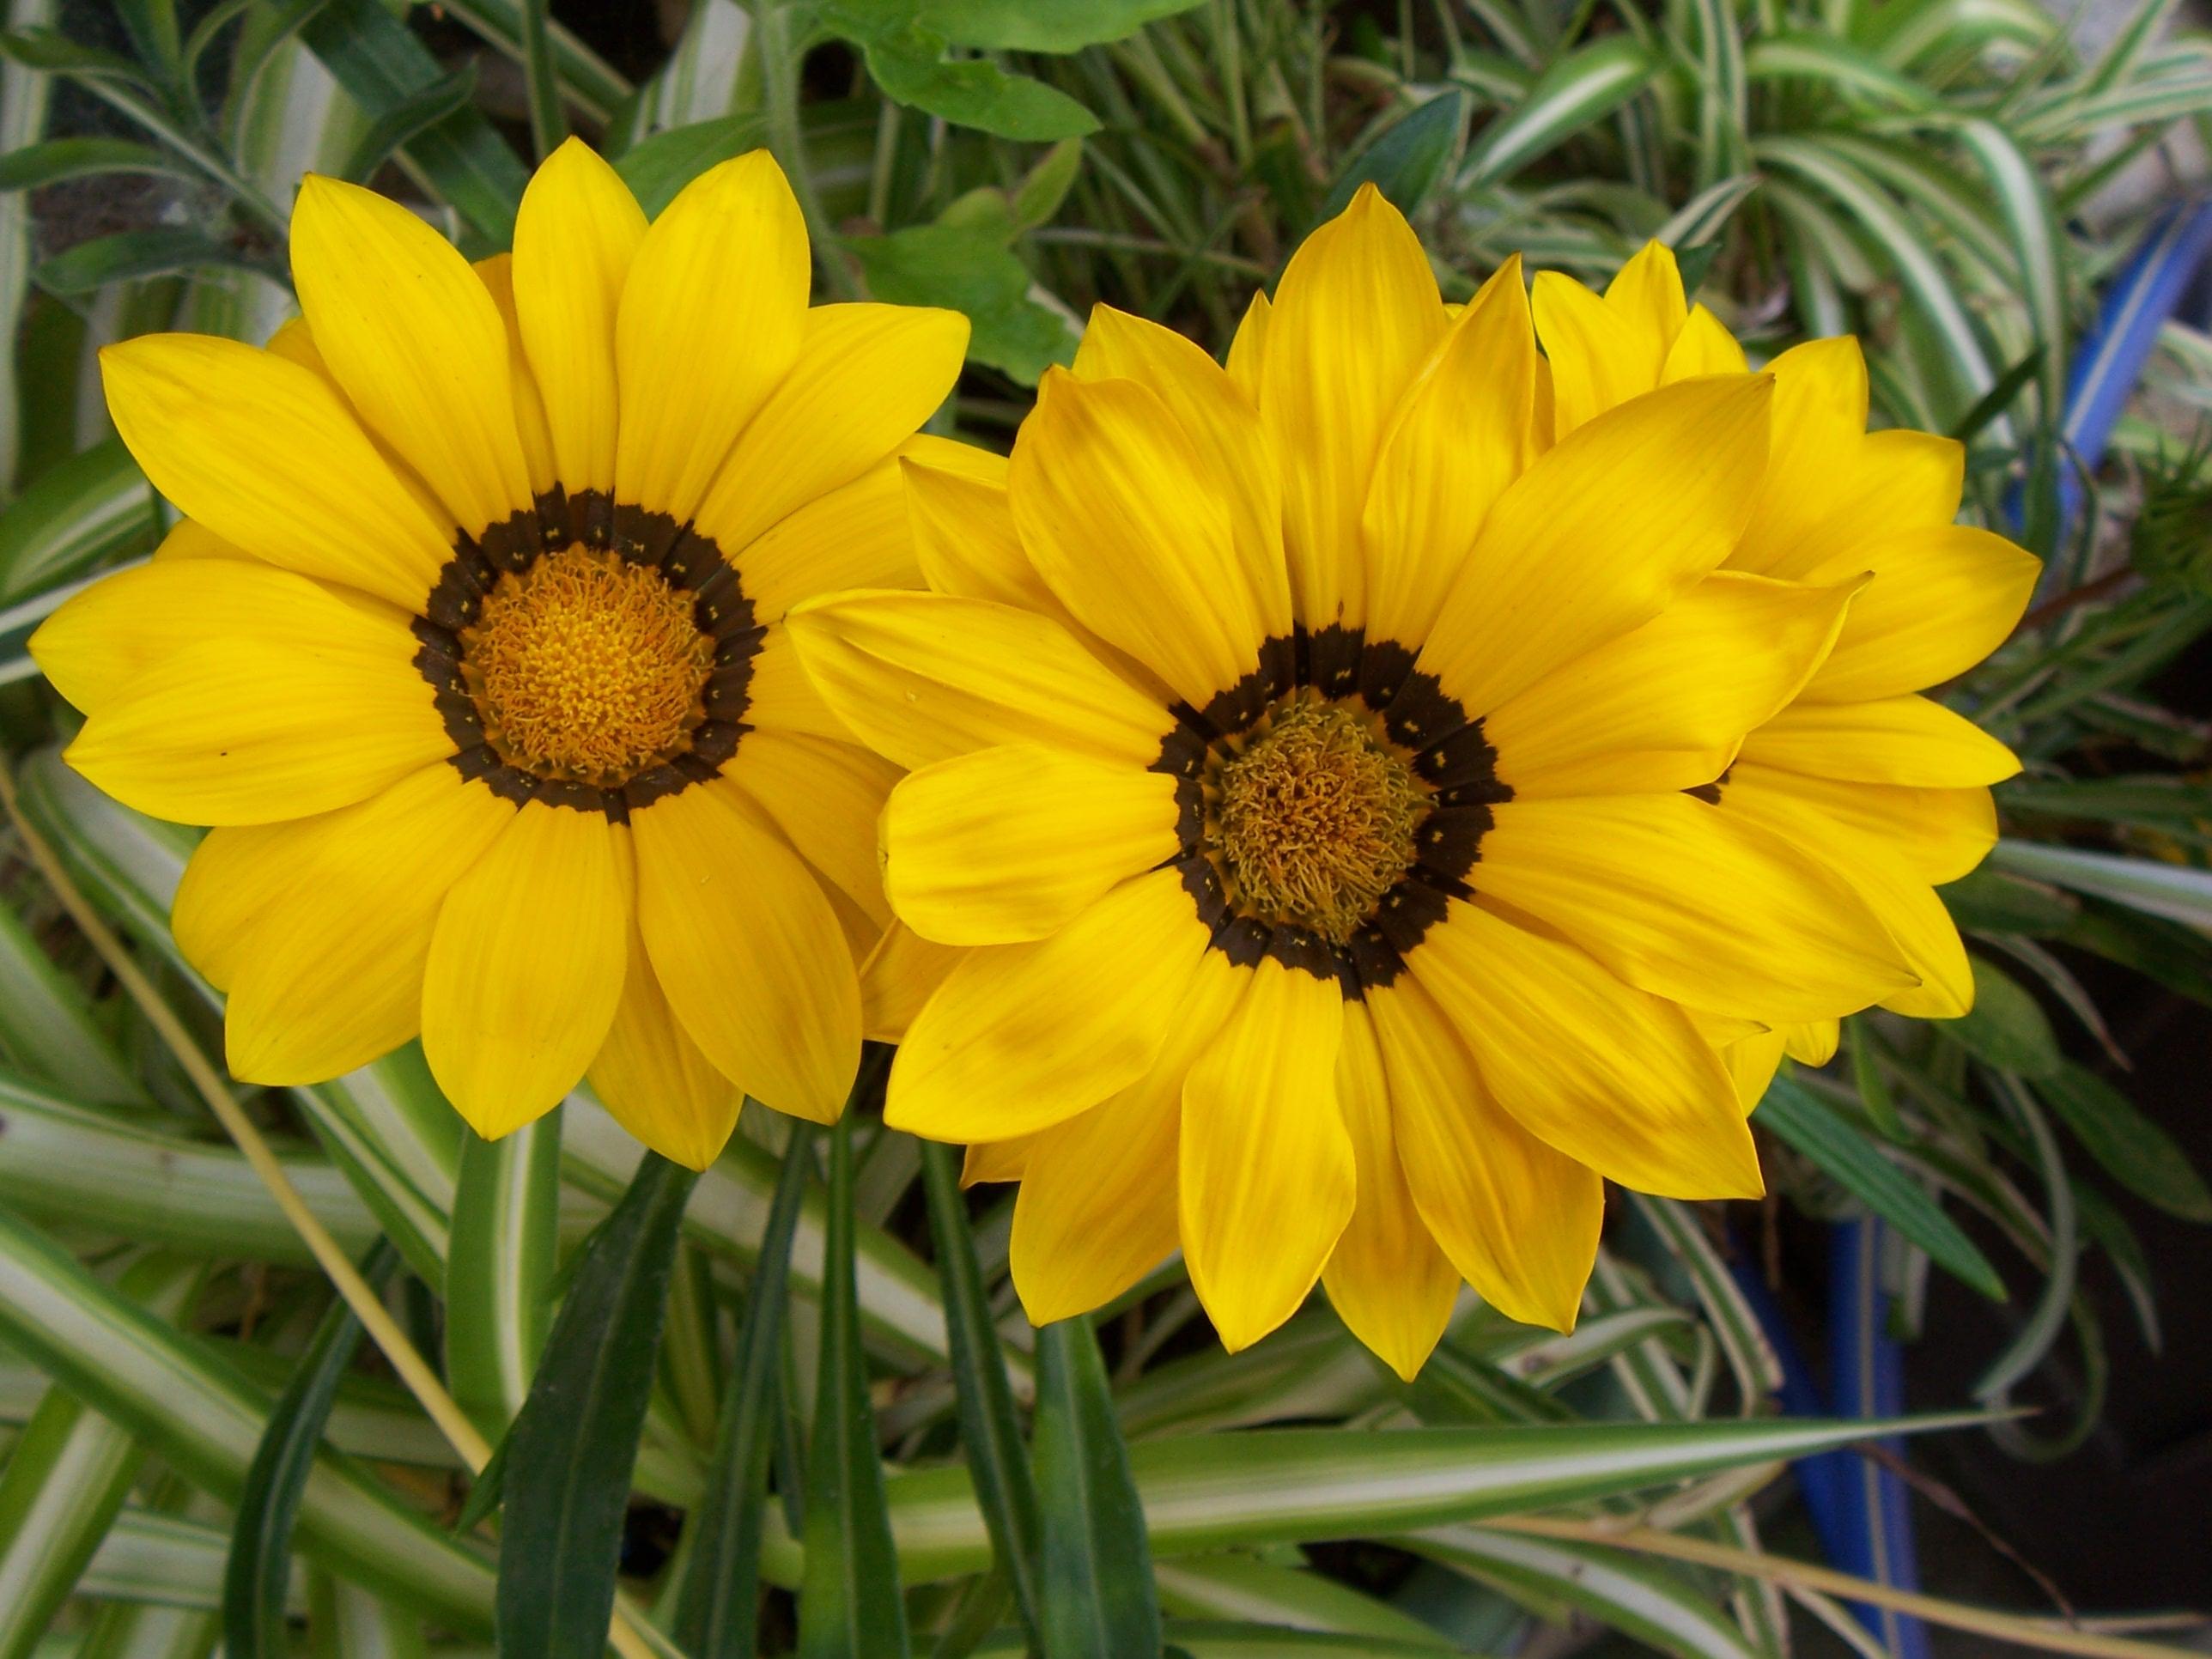 بالصور ازهار جميله , صور ازهار طبيعيه وجميله 6470 9